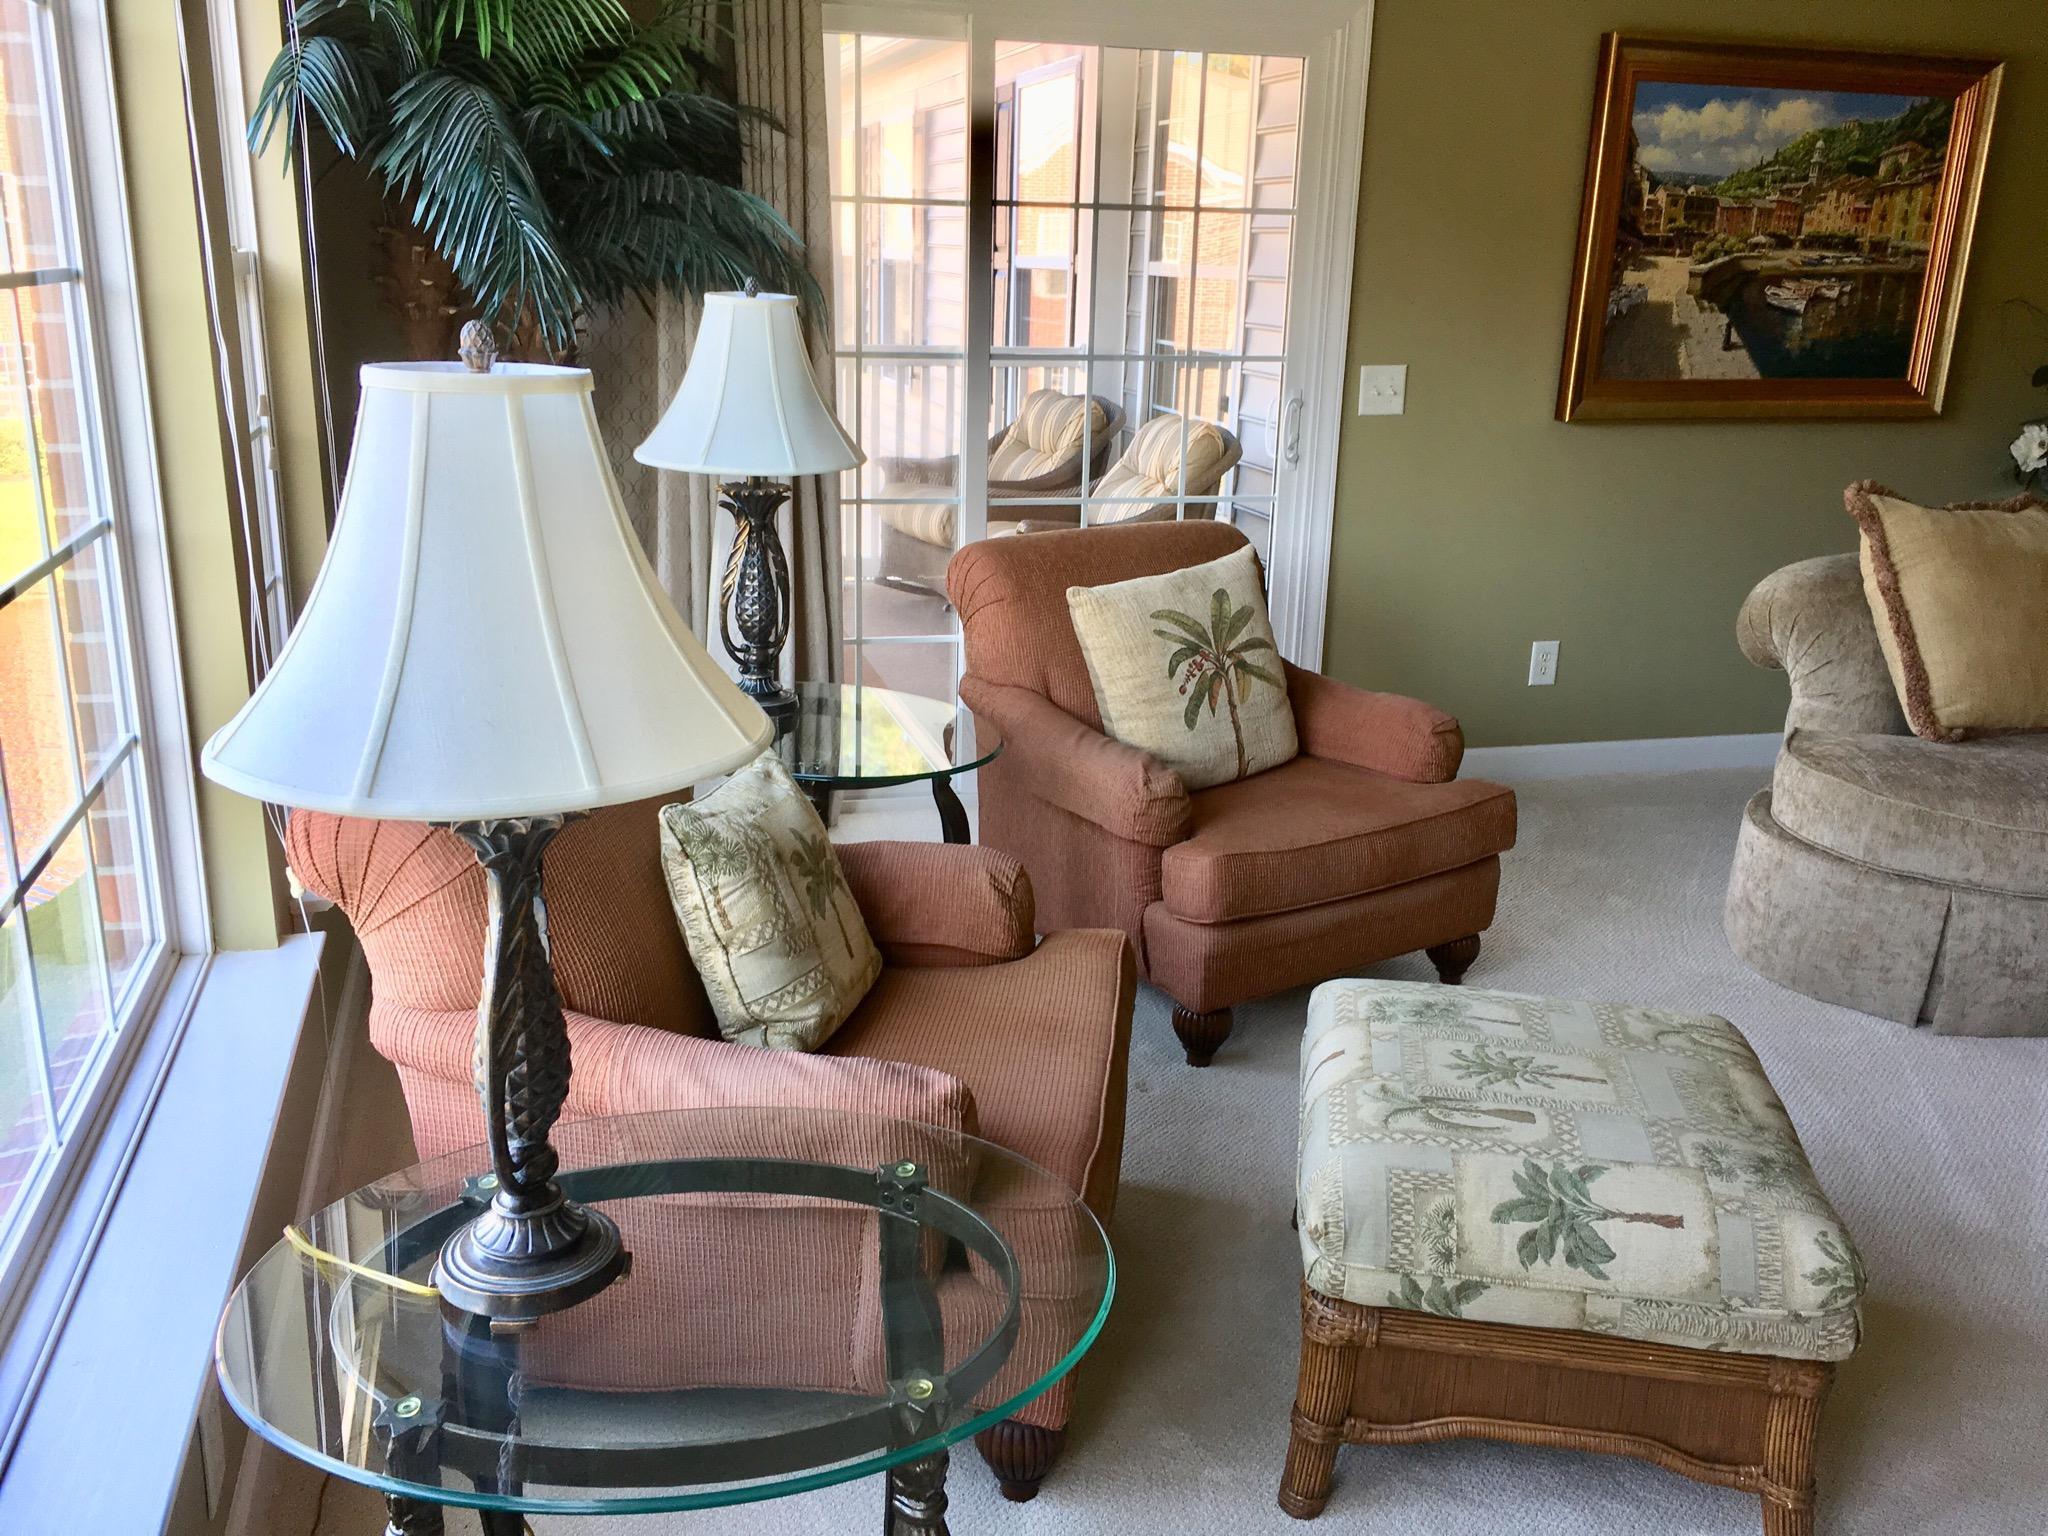 Dunes West Homes For Sale - 1468 Ellington Woods, Mount Pleasant, SC - 9